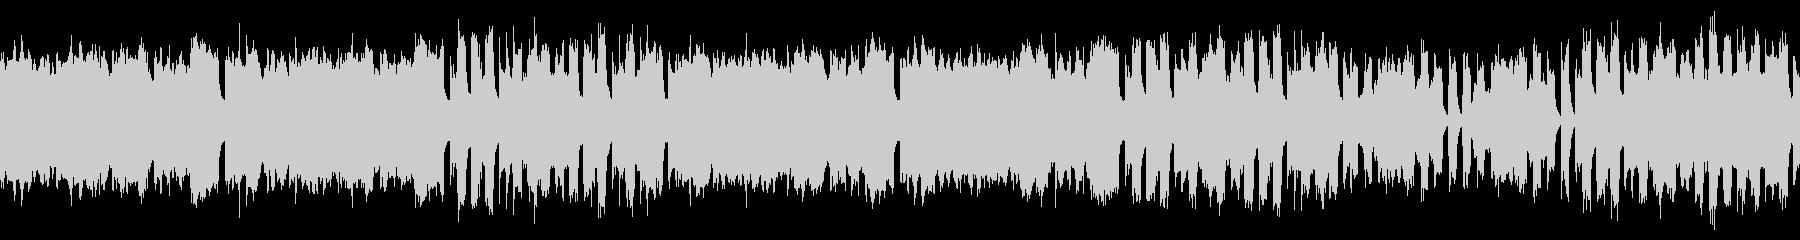 ループ素材 ほのぼのとしたゲーム音楽の未再生の波形